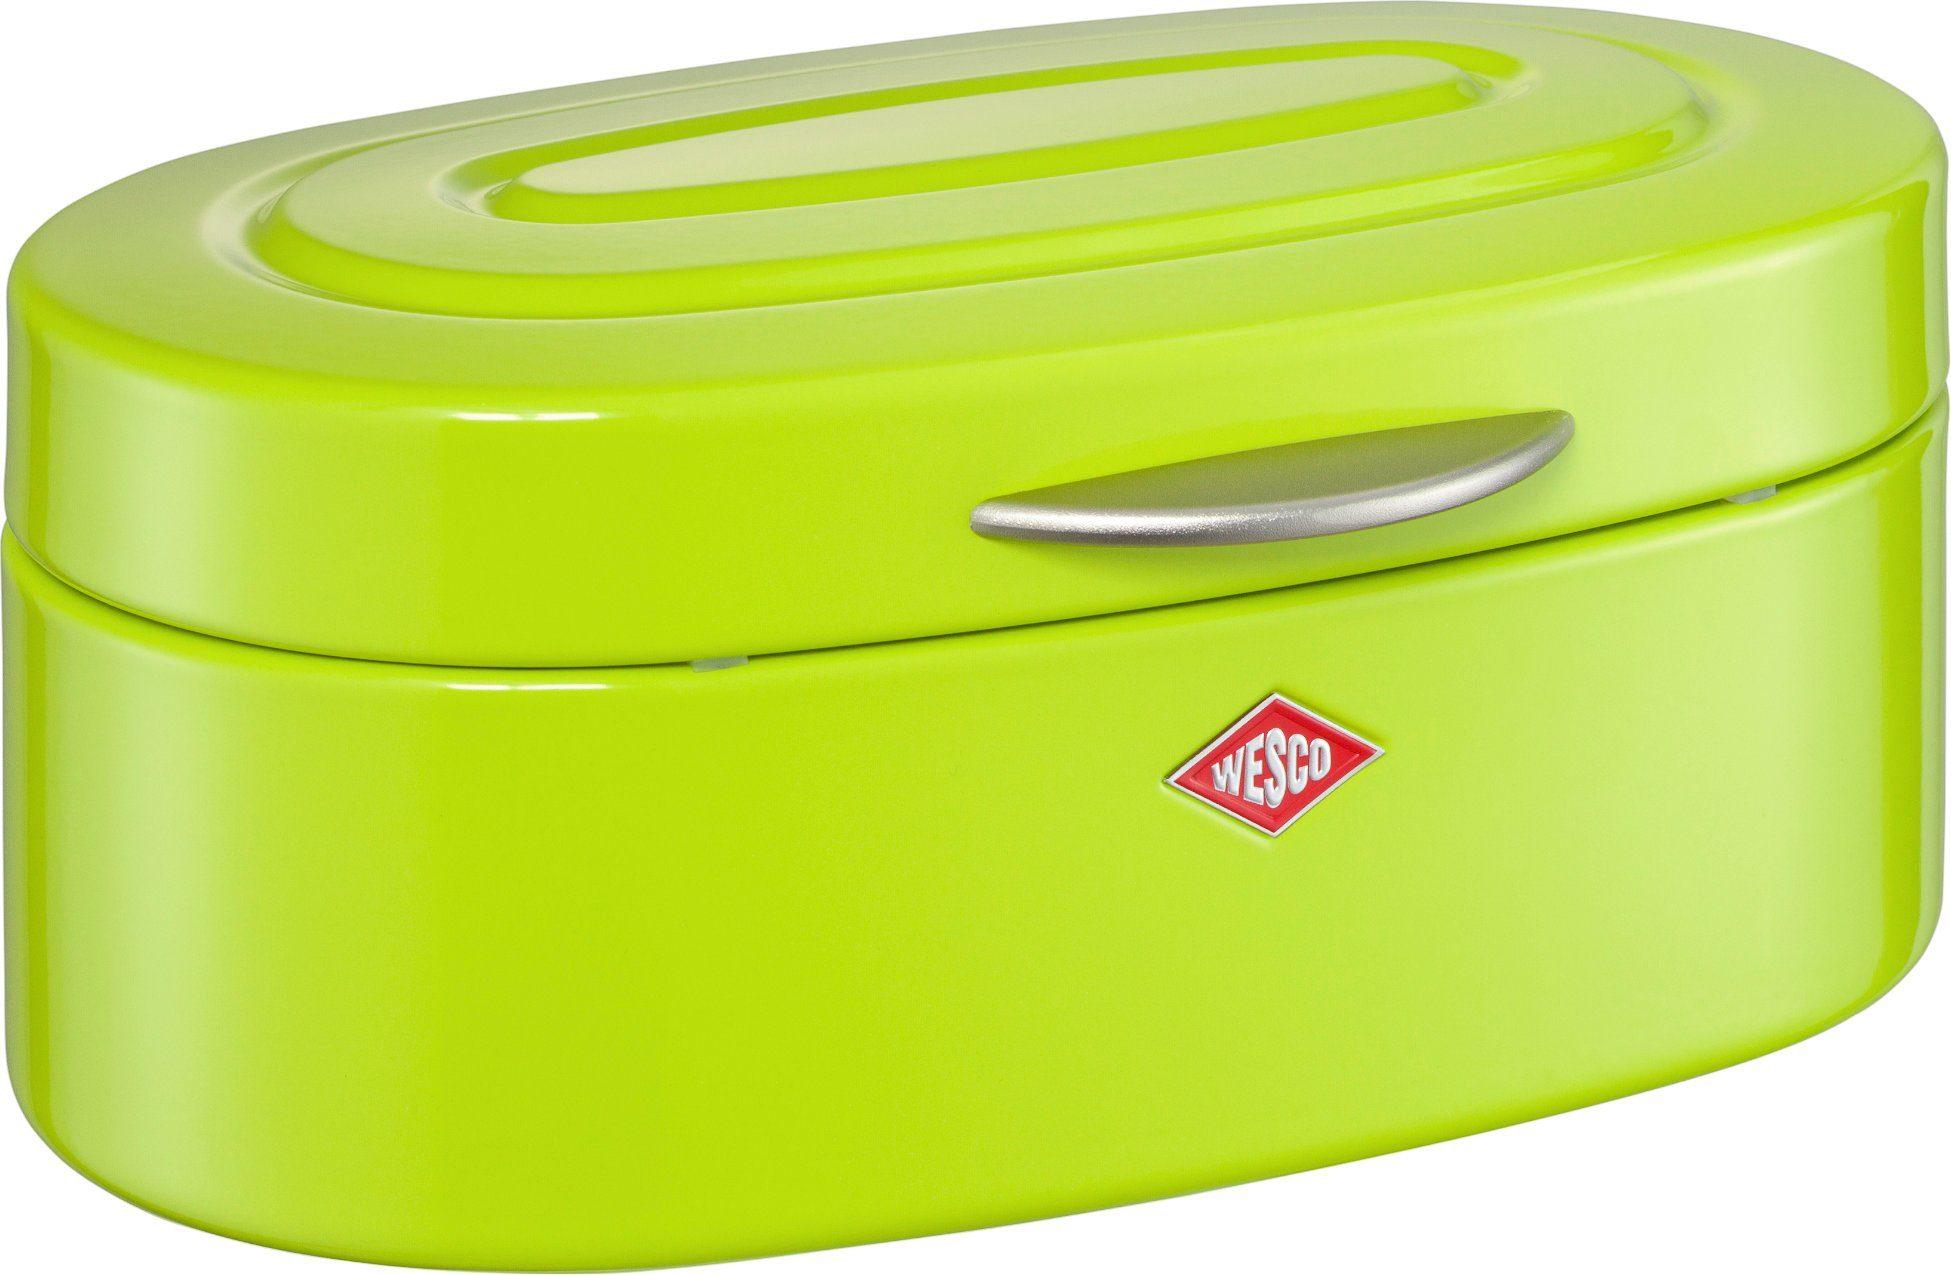 Wesco Brotkasten BREADBOX ELLY   Küche und Esszimmer > Aufbewahrung > Brotkasten   Grün   Wesco